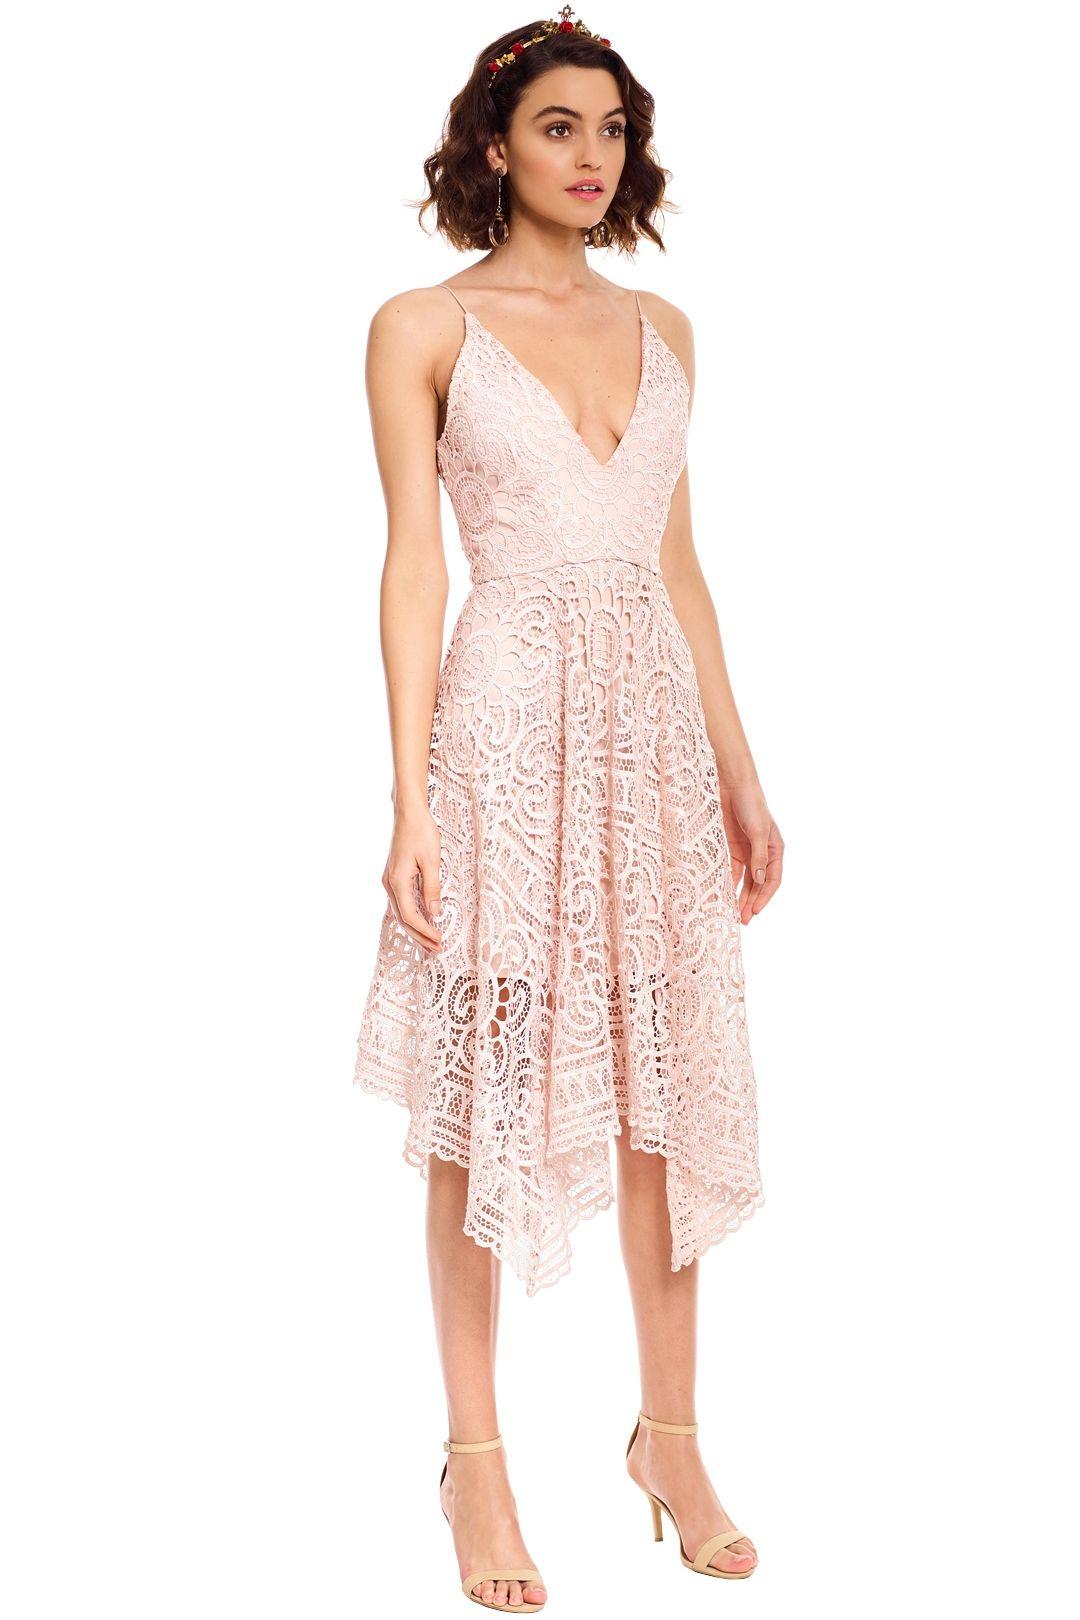 Nicholas - Floral Lace Ball Dress - Antique Pink - Side